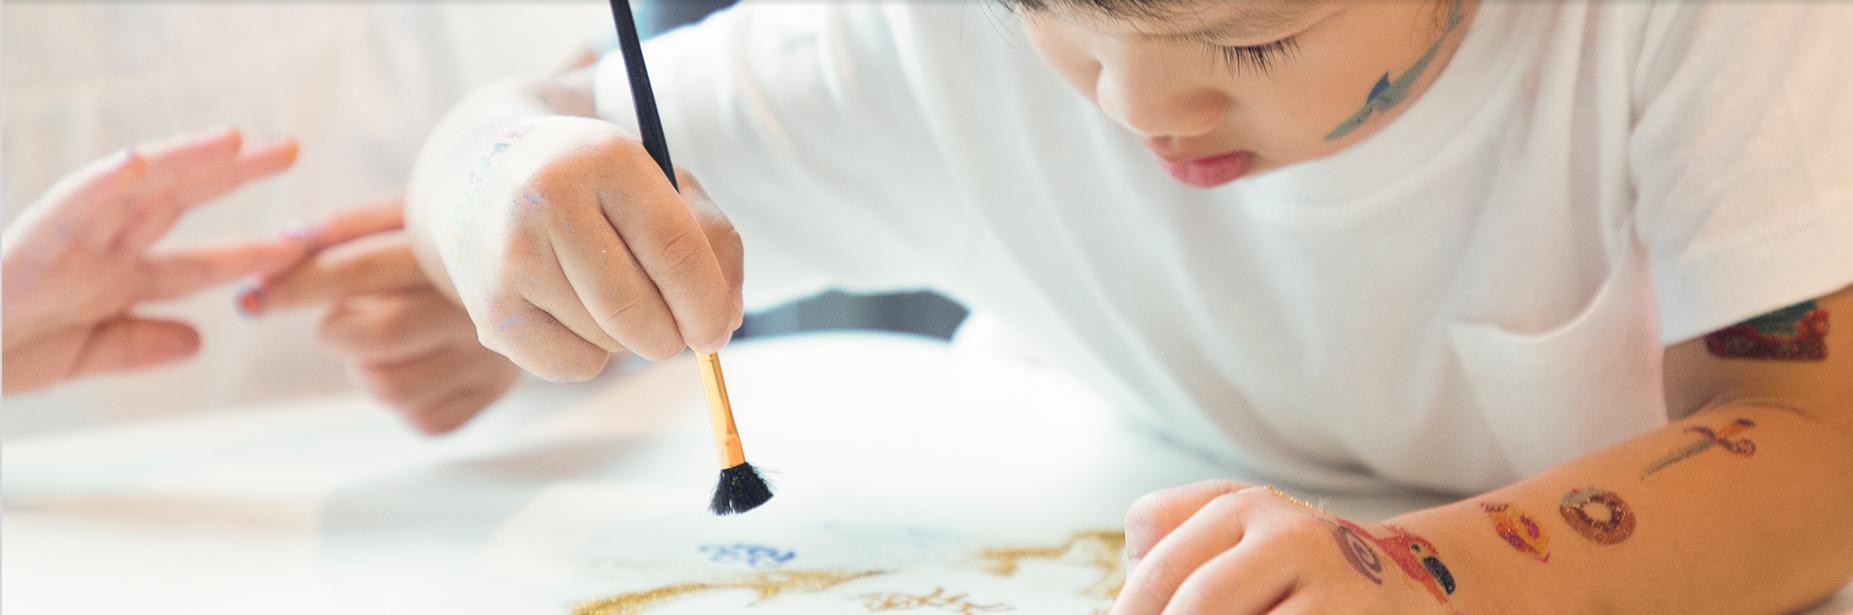 DIYAssemblingParent-ChildActivities